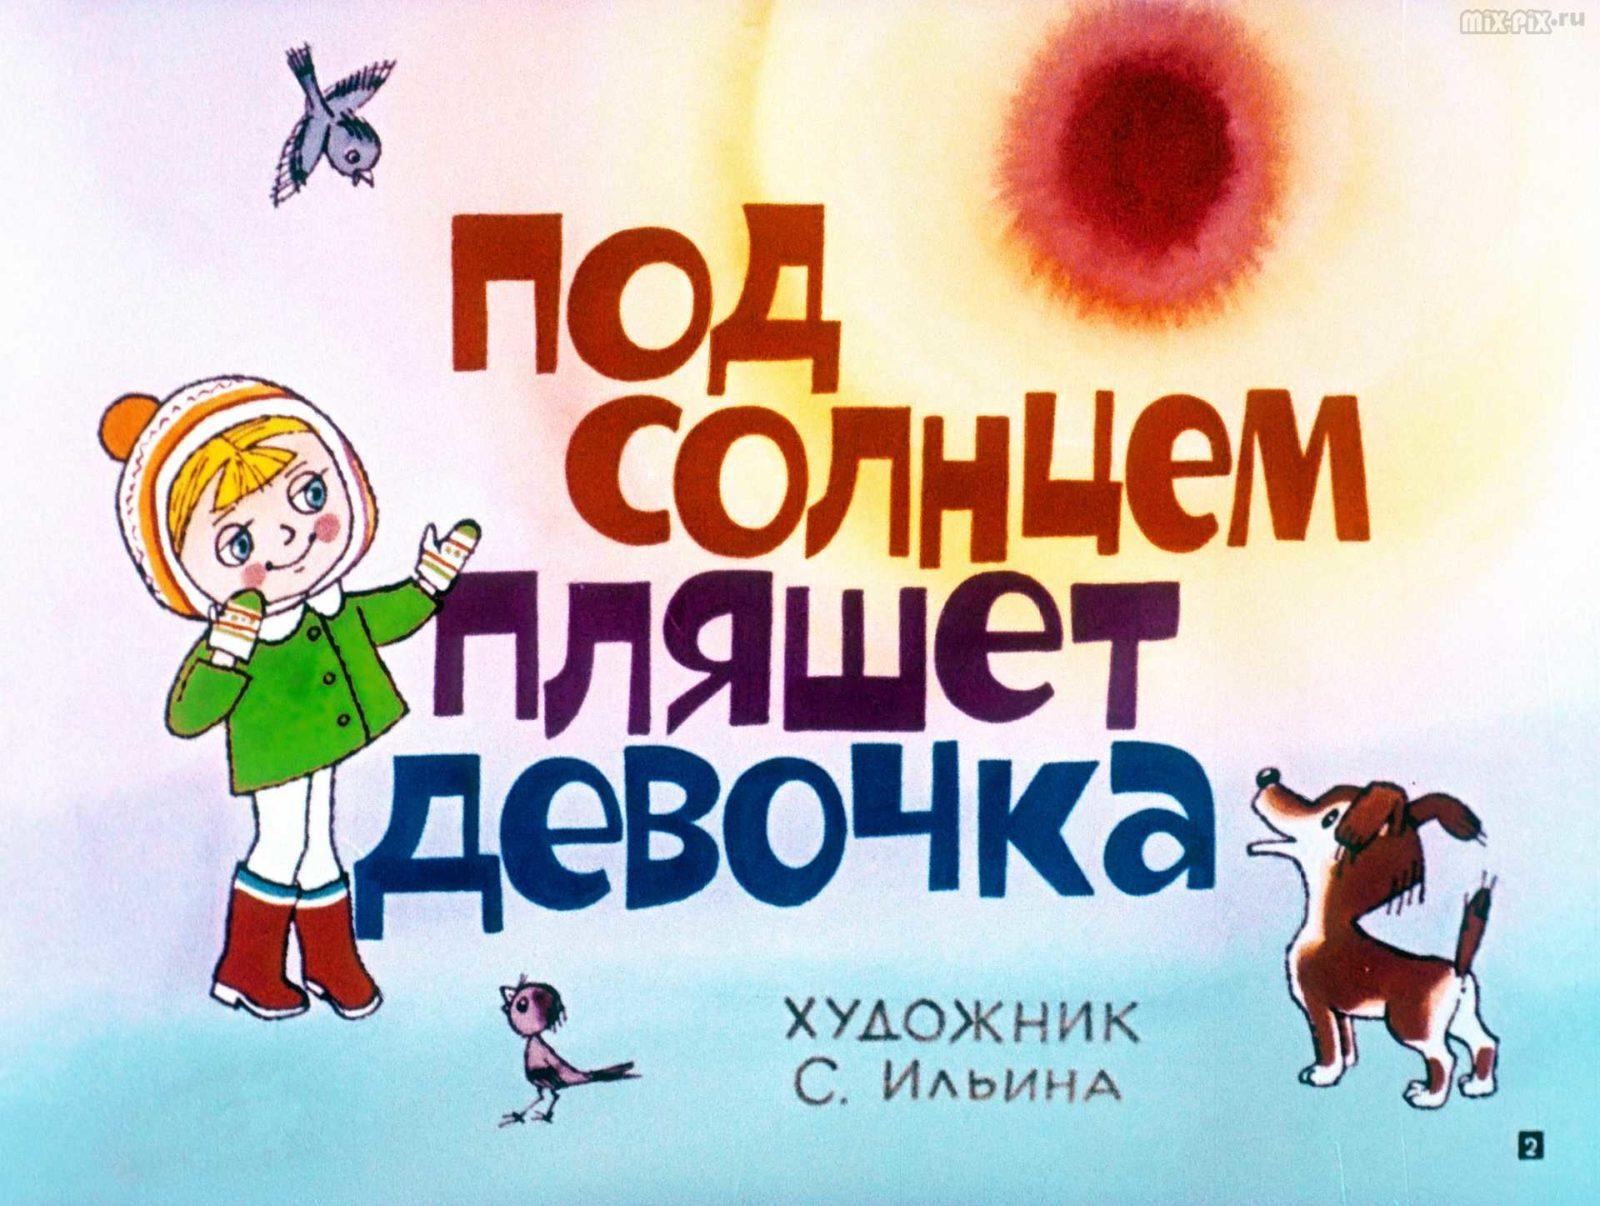 Под солнцем пляшет девочка (1984) 24